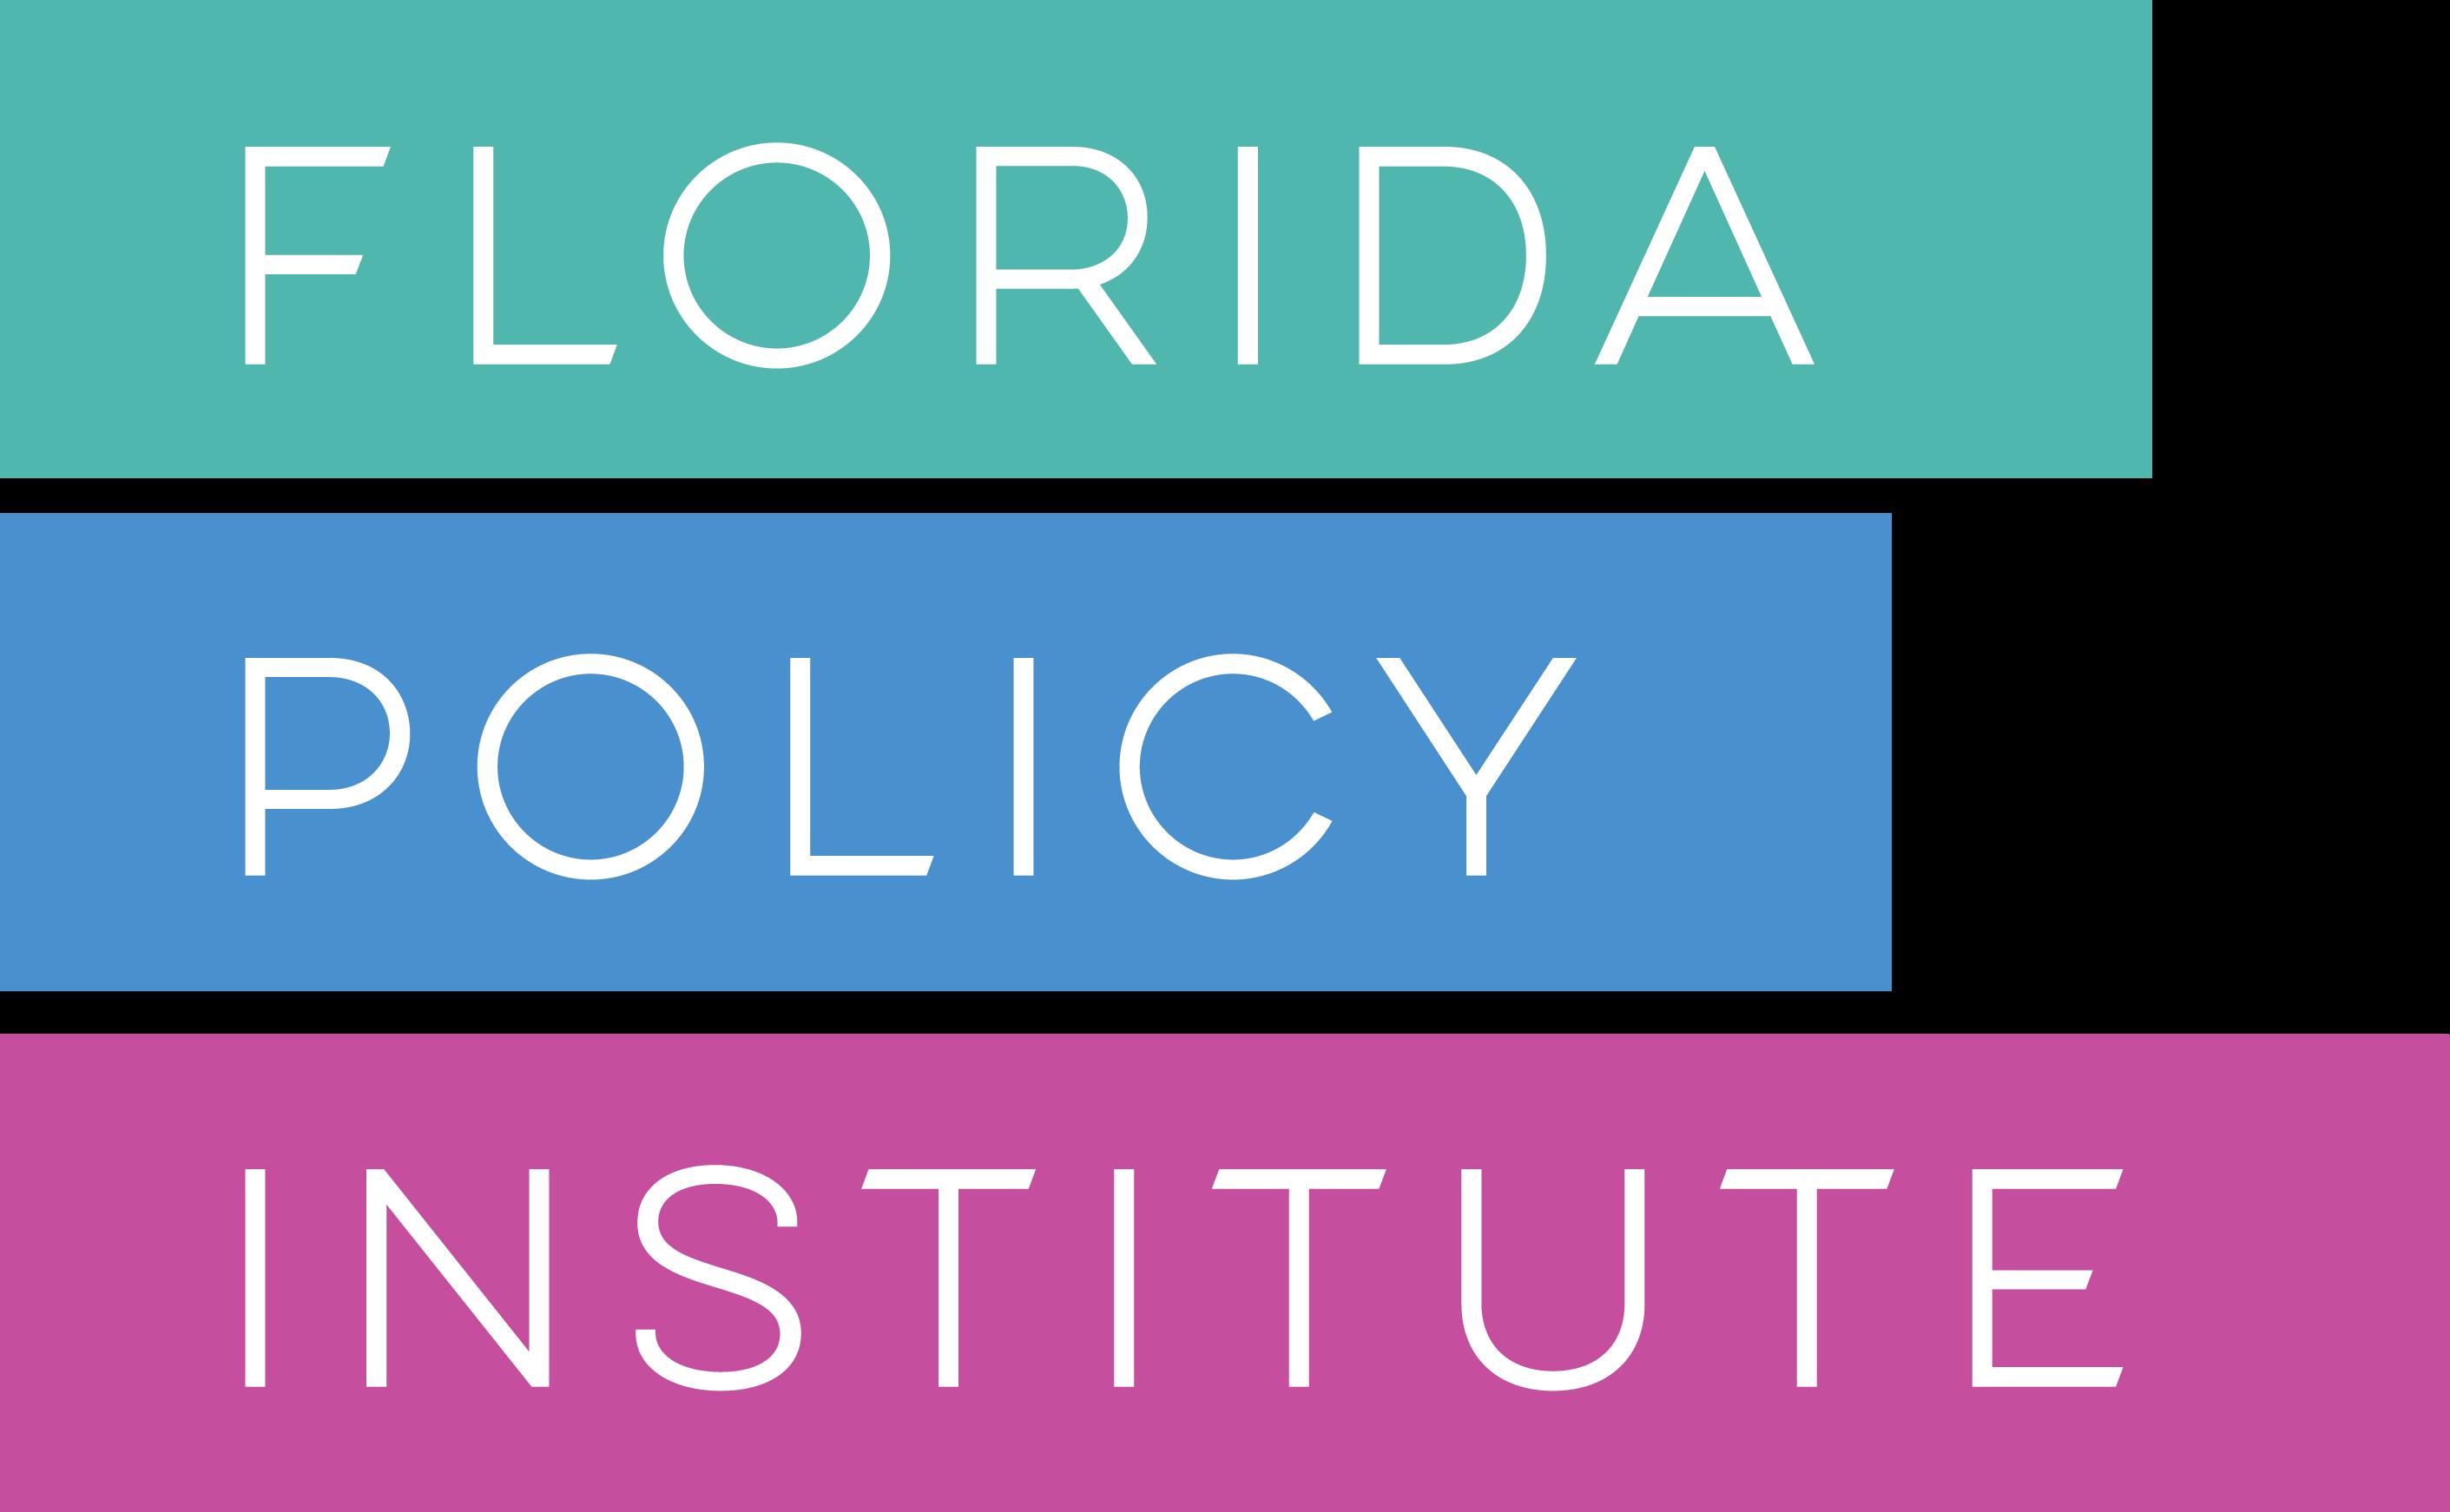 Florida Policy Institute